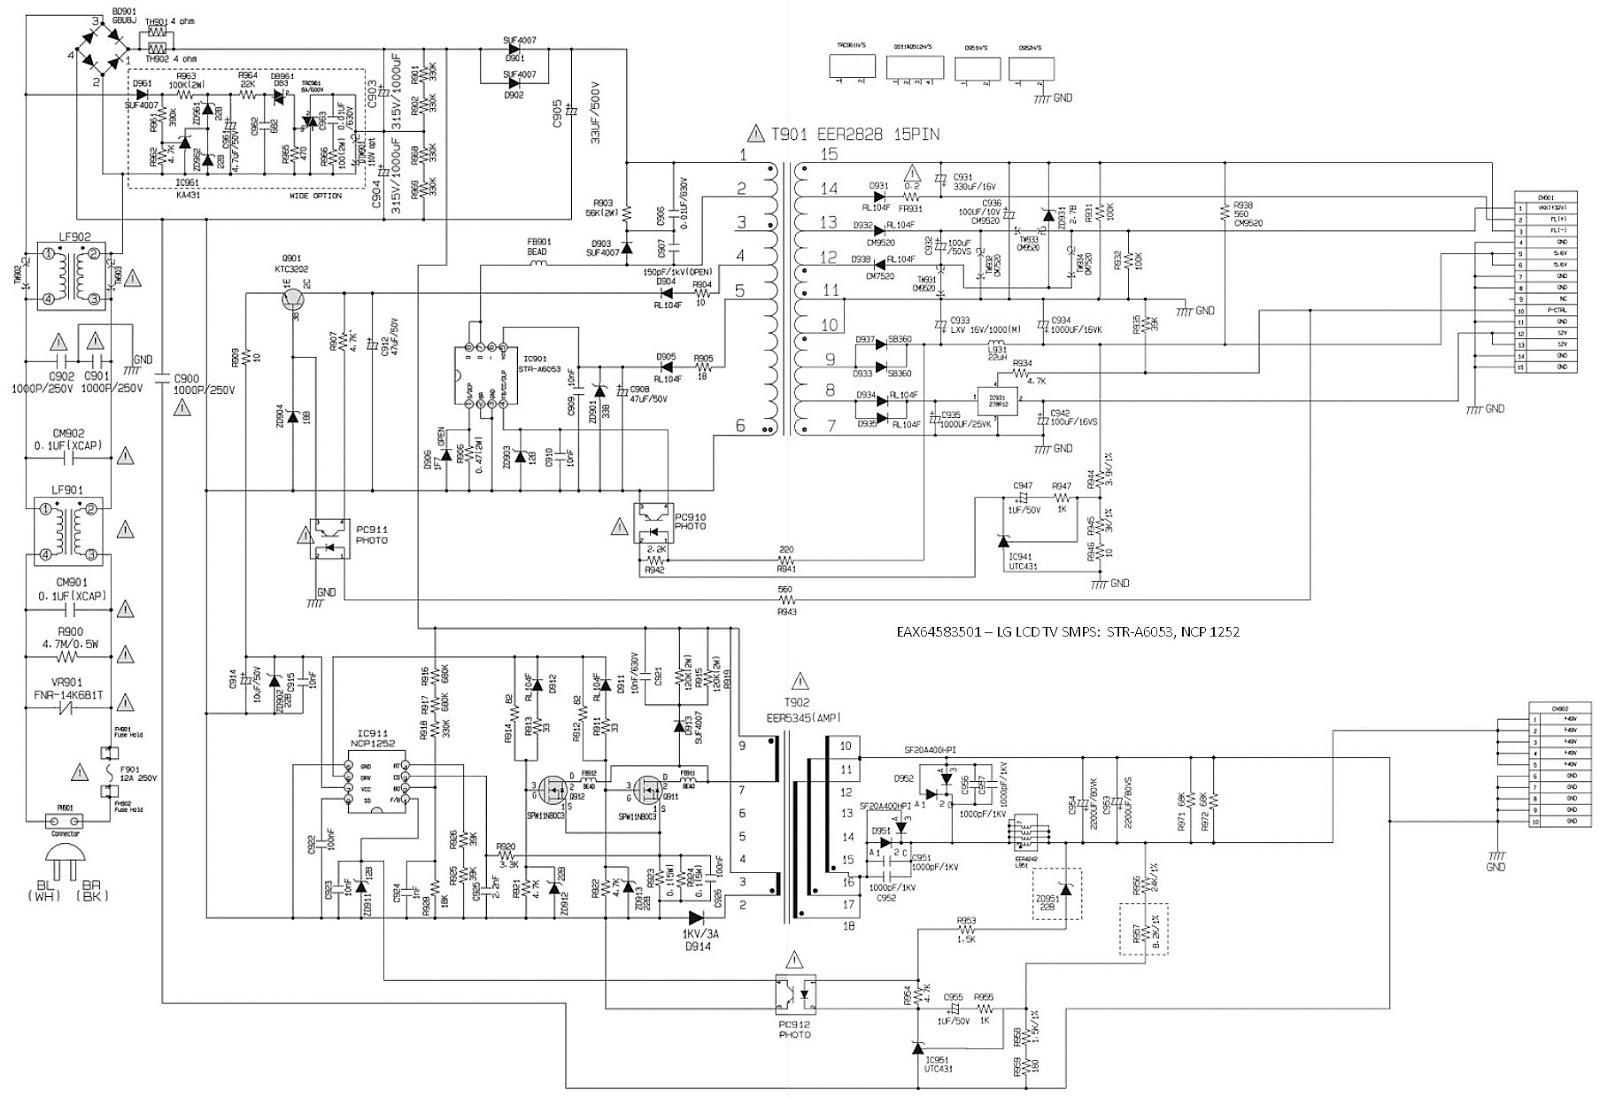 led tv diagram tv korea circuit diagram blog wiring diagram lg led tv diagram wiring diagram [ 1600 x 1098 Pixel ]